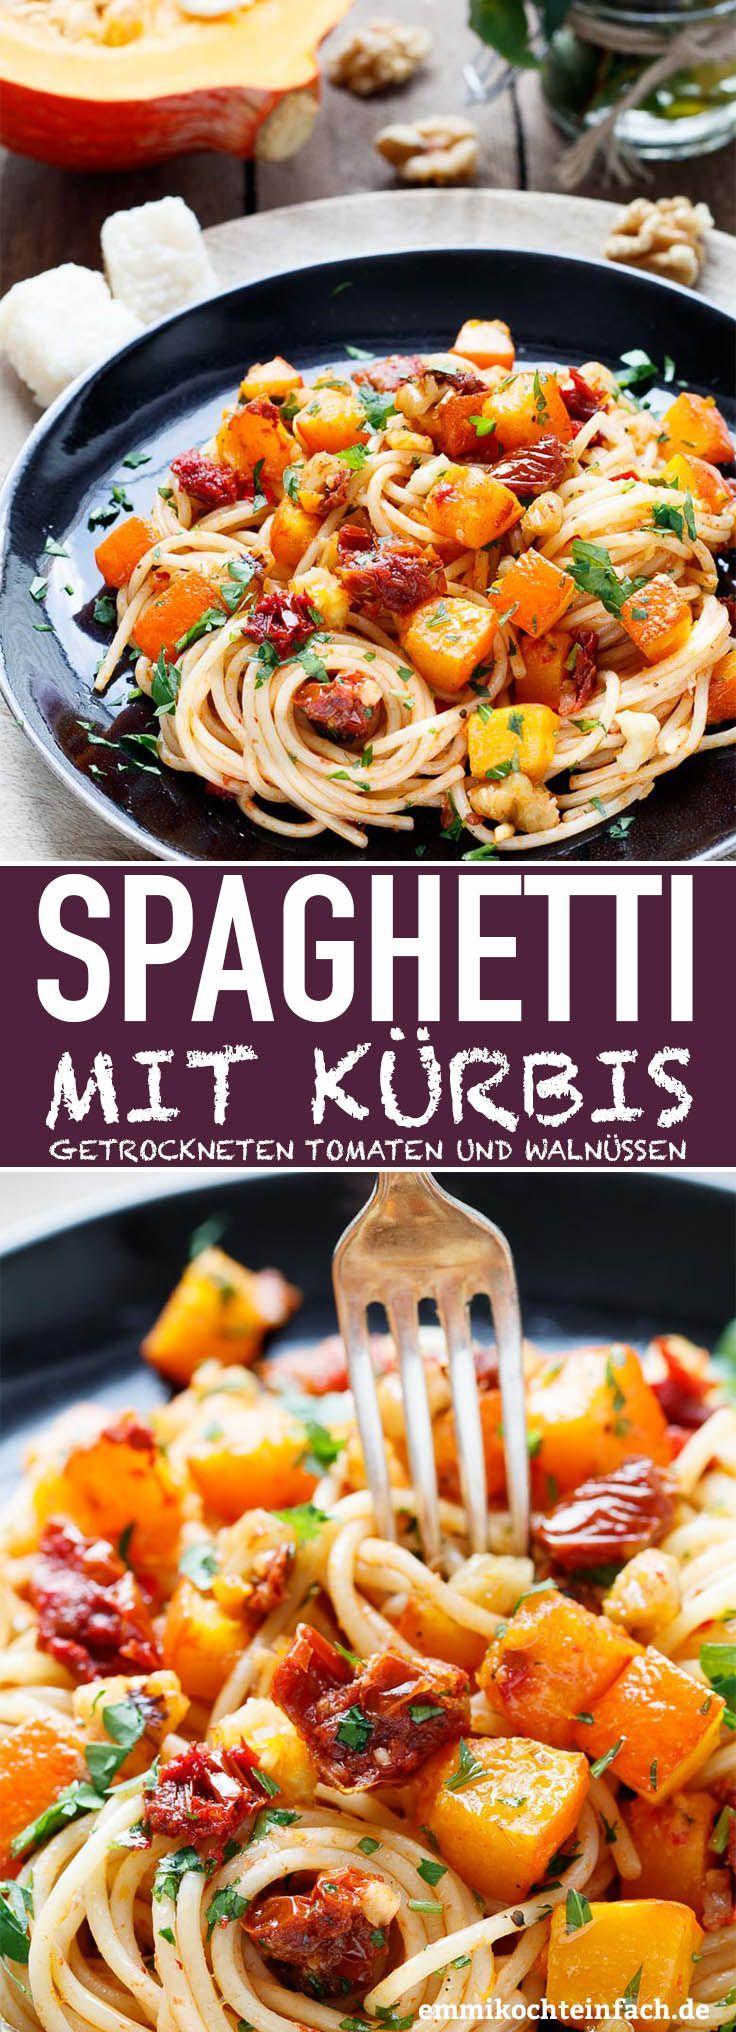 Pasta mit Kürbis - schnell und einfach gemacht #zucchininoodles